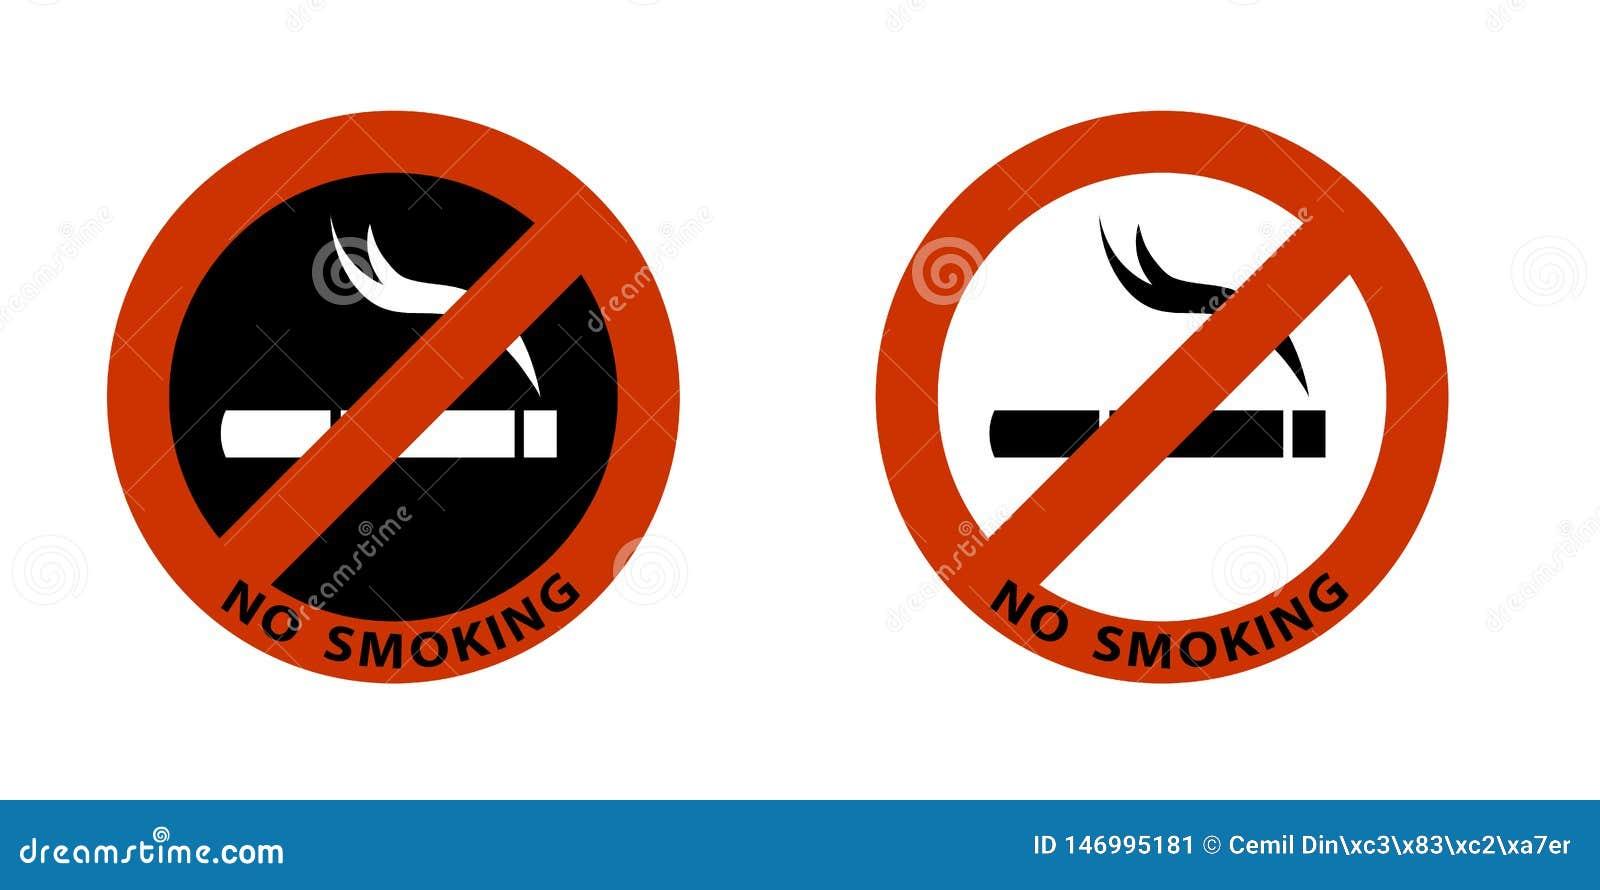 No smoking sign on white background icon